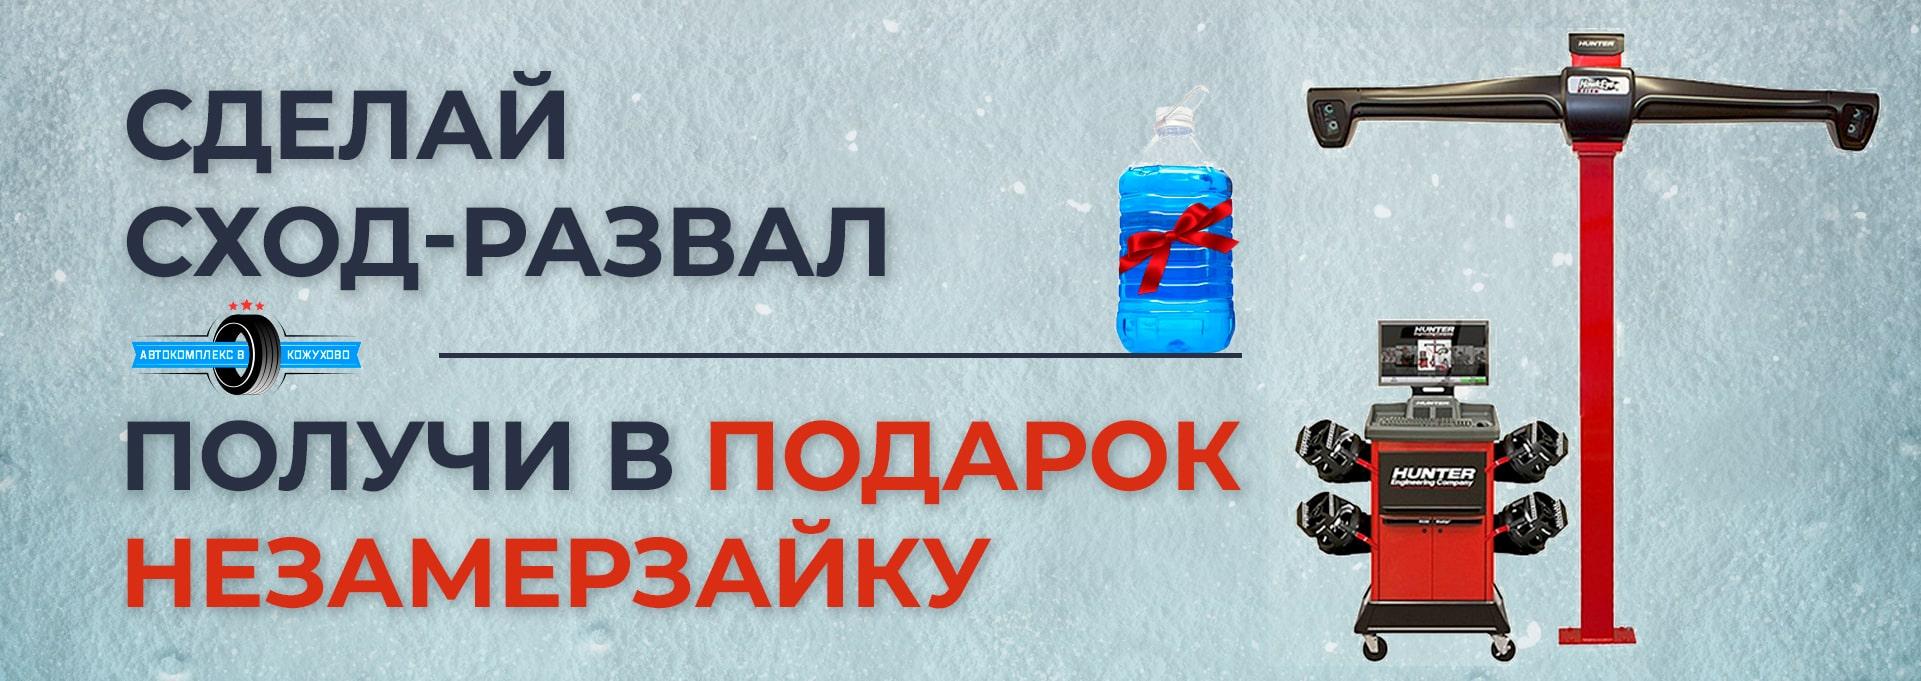 Сделай сход развал и получи незамерзайку в подарок | Автокомплекс Кожухово Новокосино